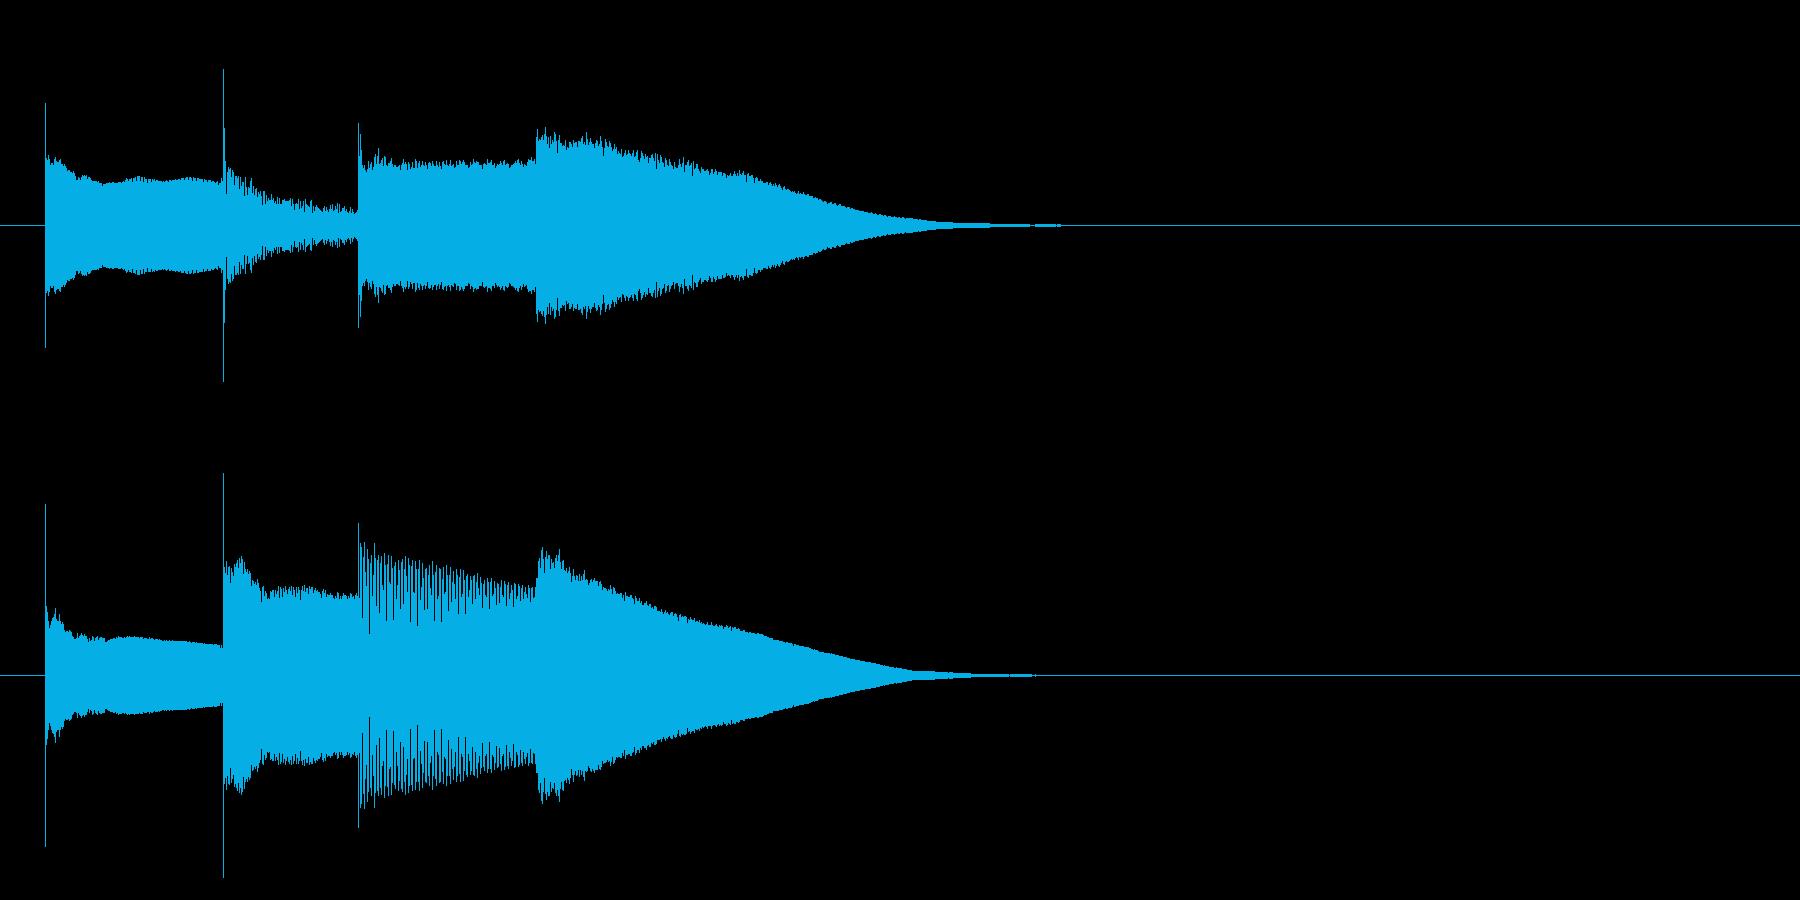 グロッケン系 決定音15(大)の再生済みの波形